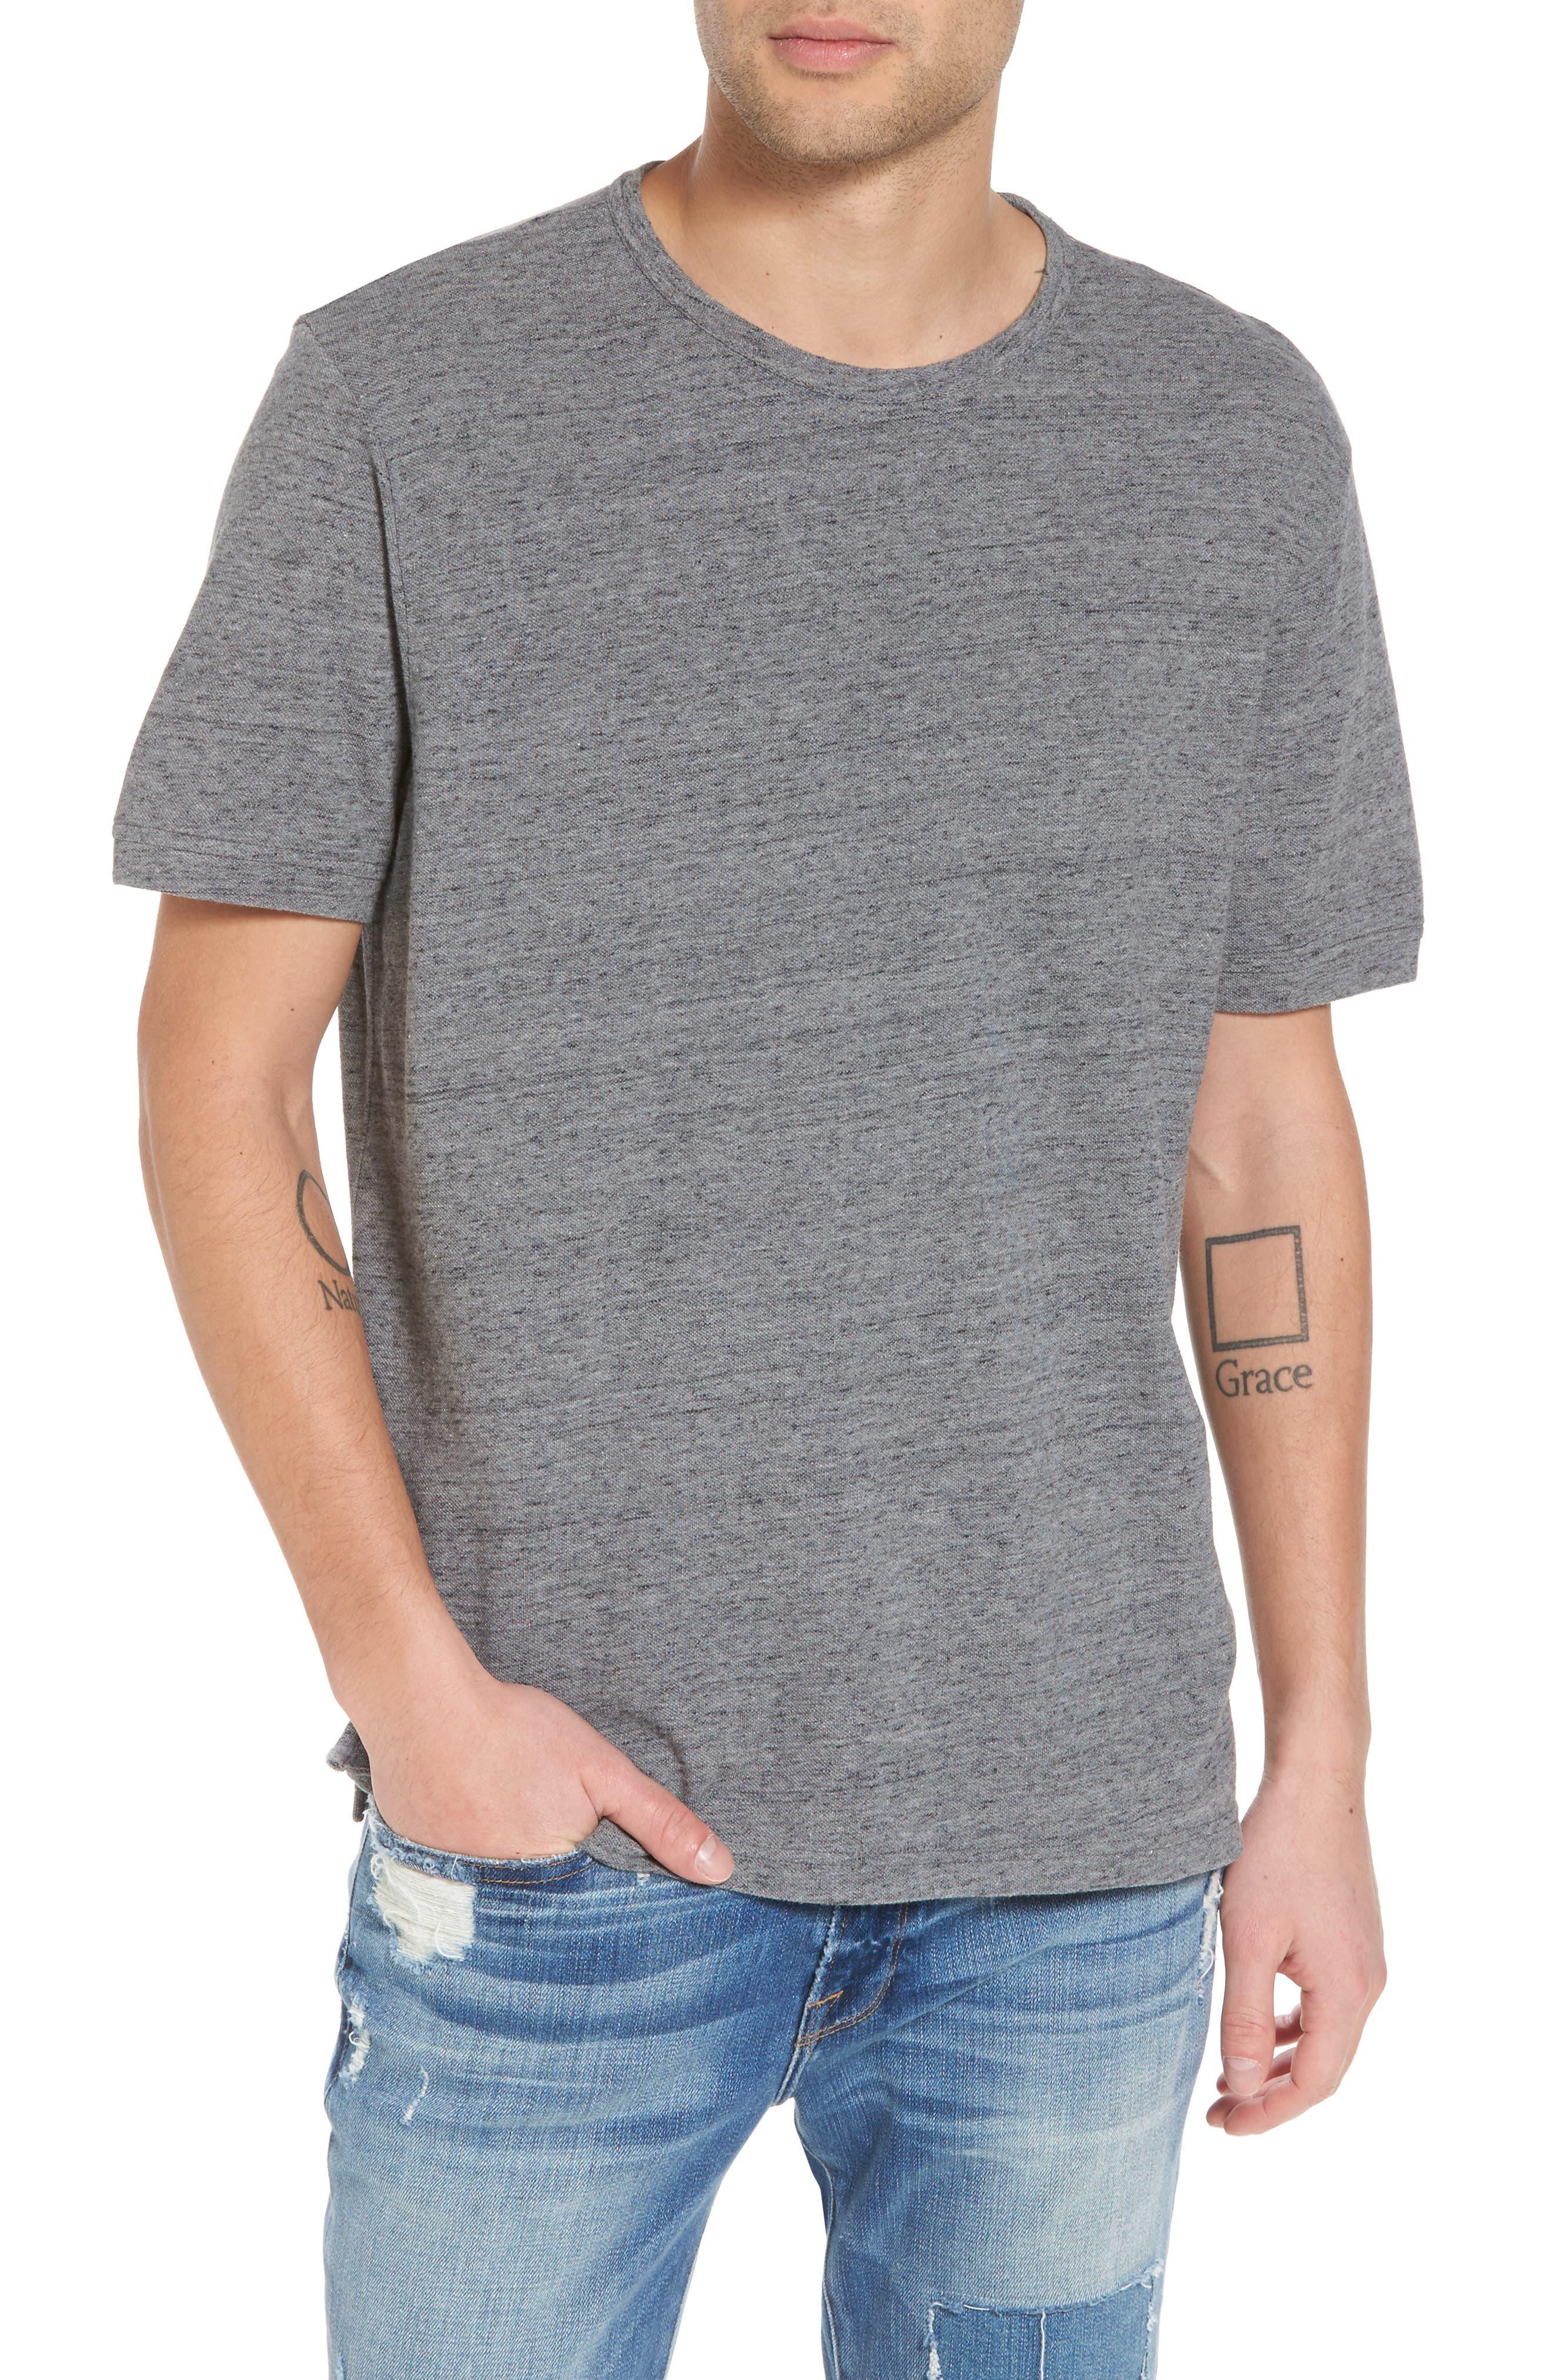 THE RAIL Piqué T-Shirt, Main, color, 030